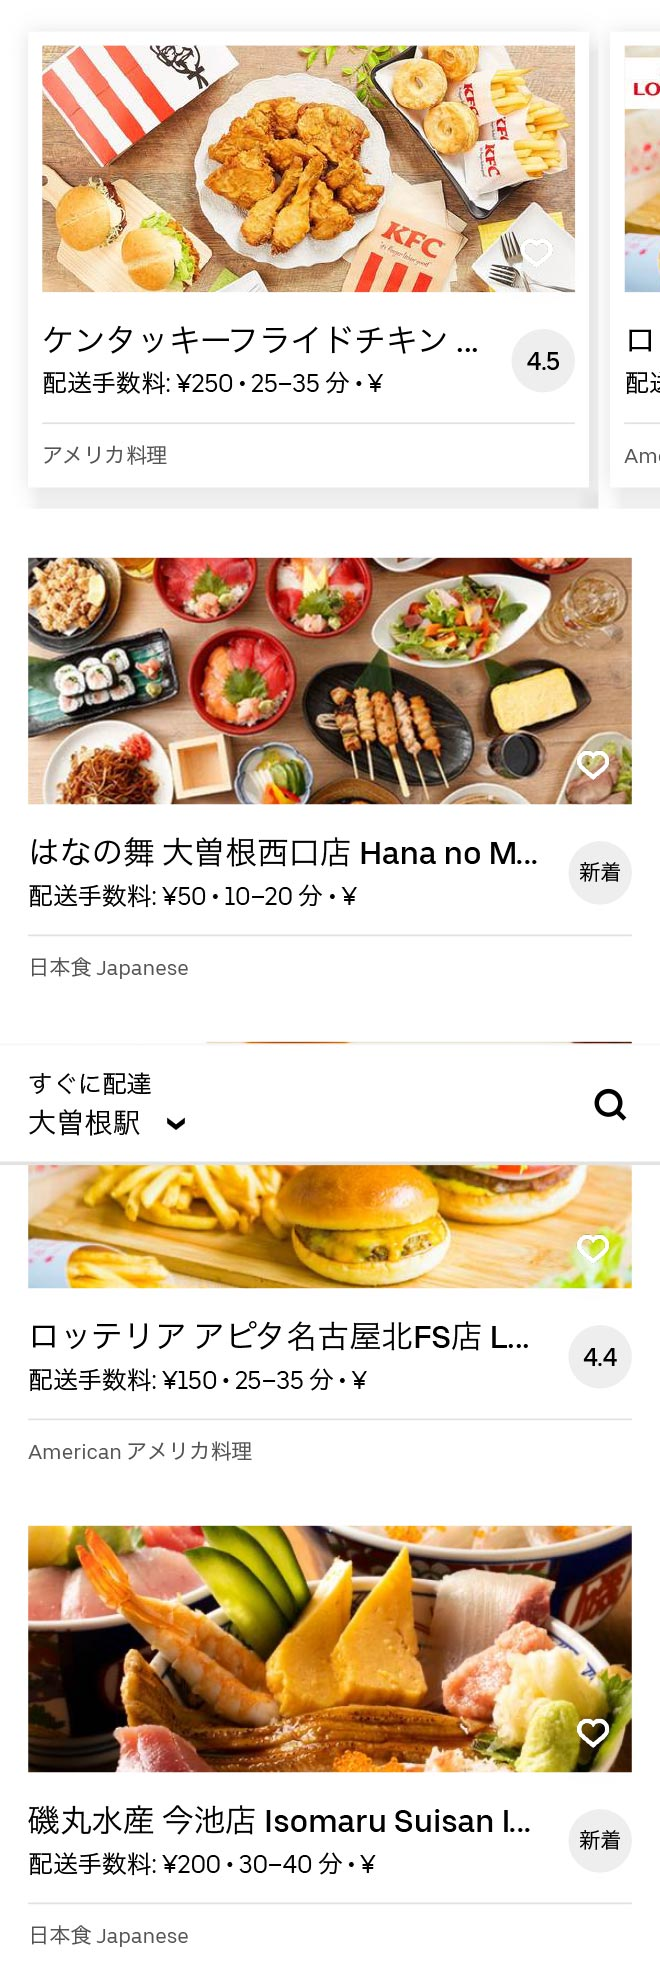 Nagoya ozone menu 2005 02